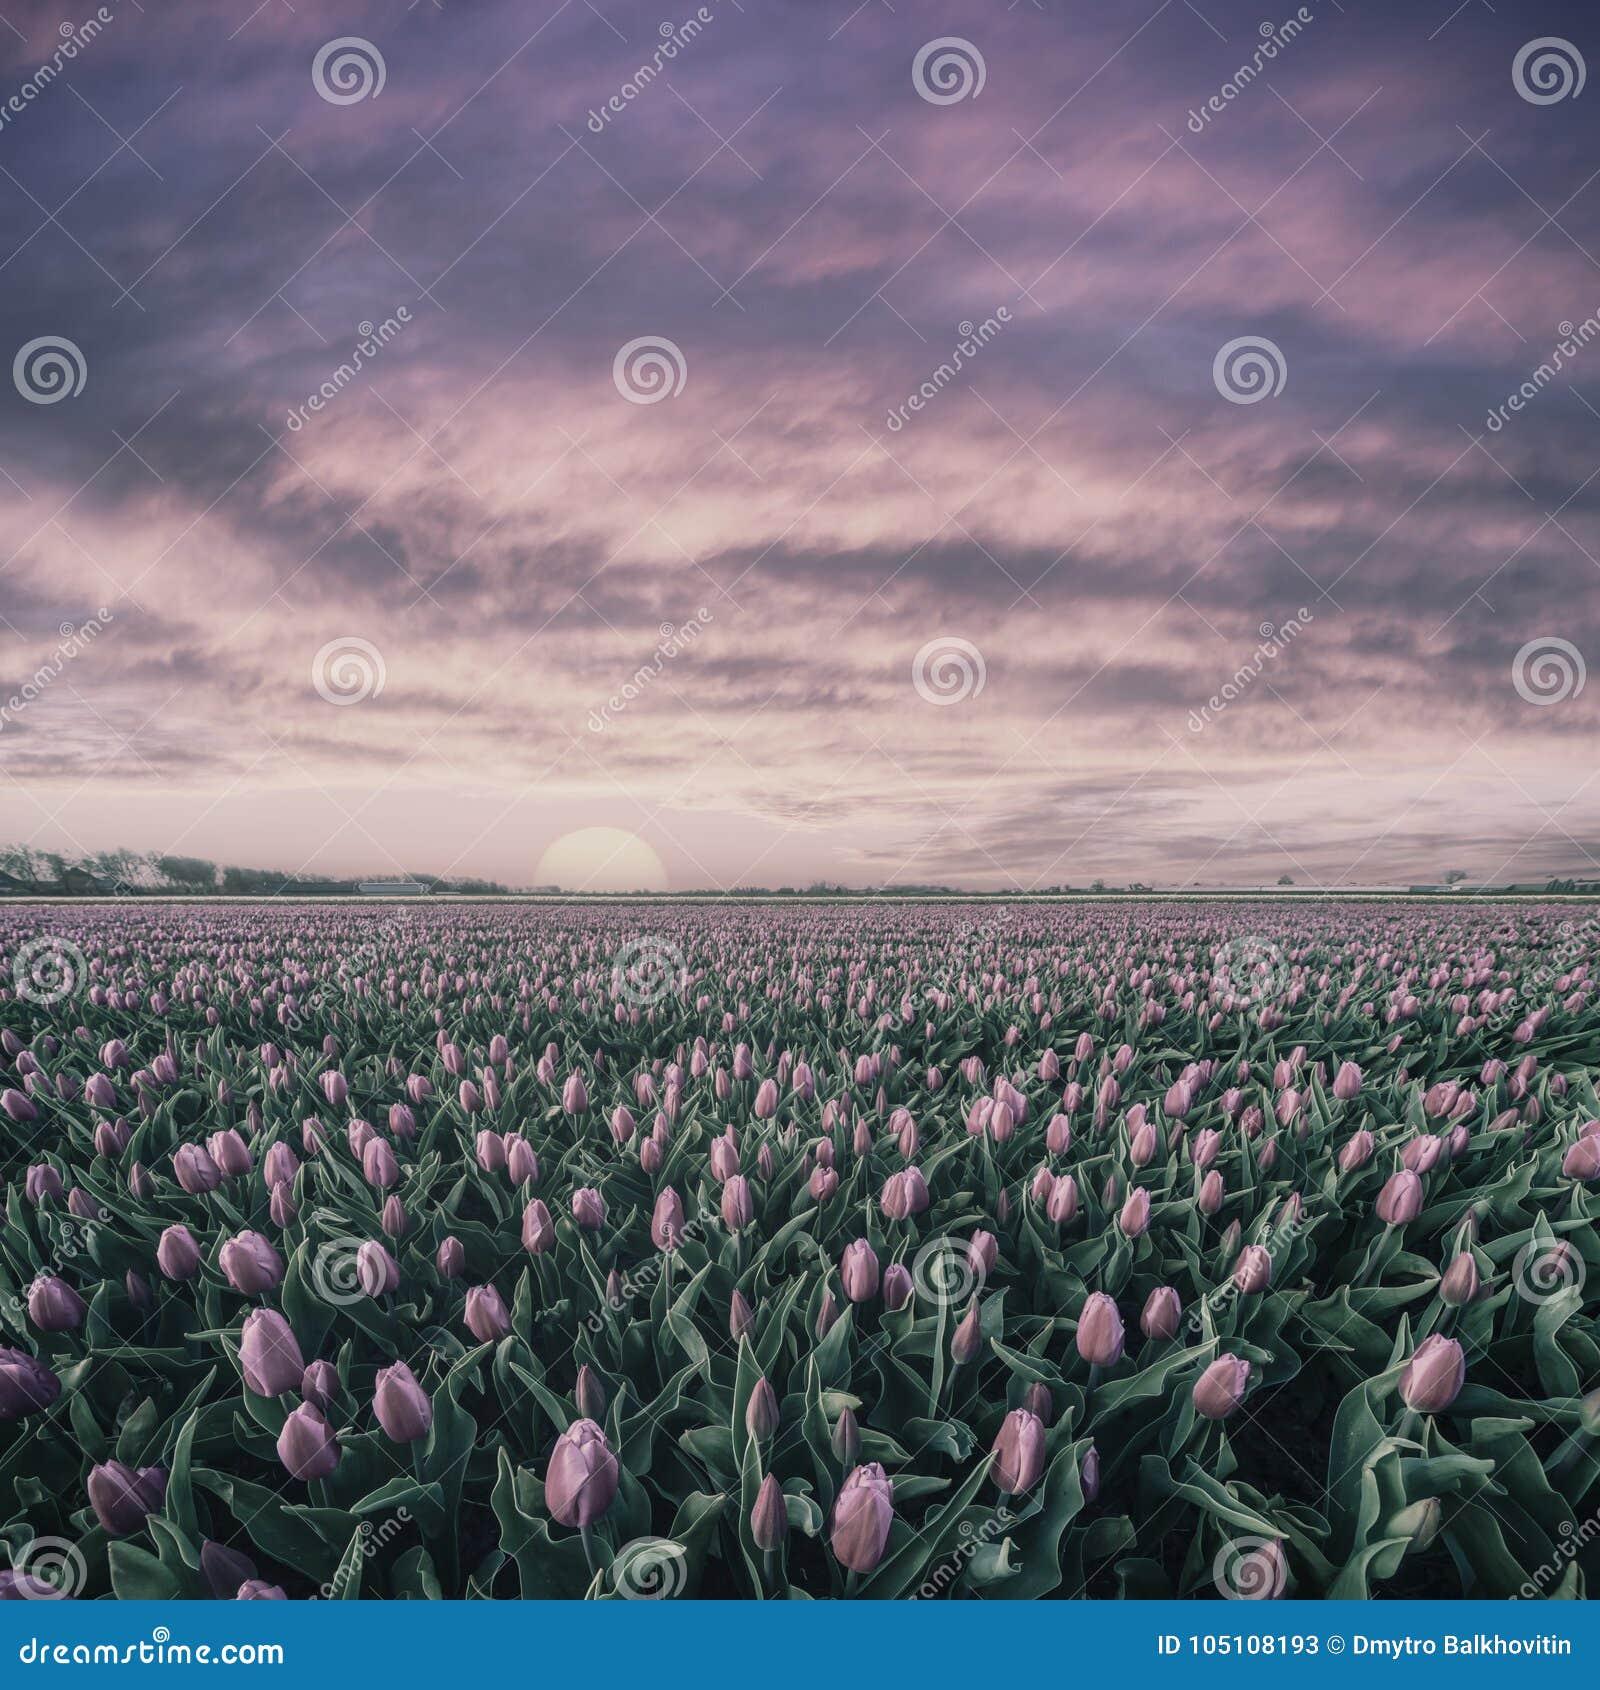 Vintage Sunrise over Field of Tulips